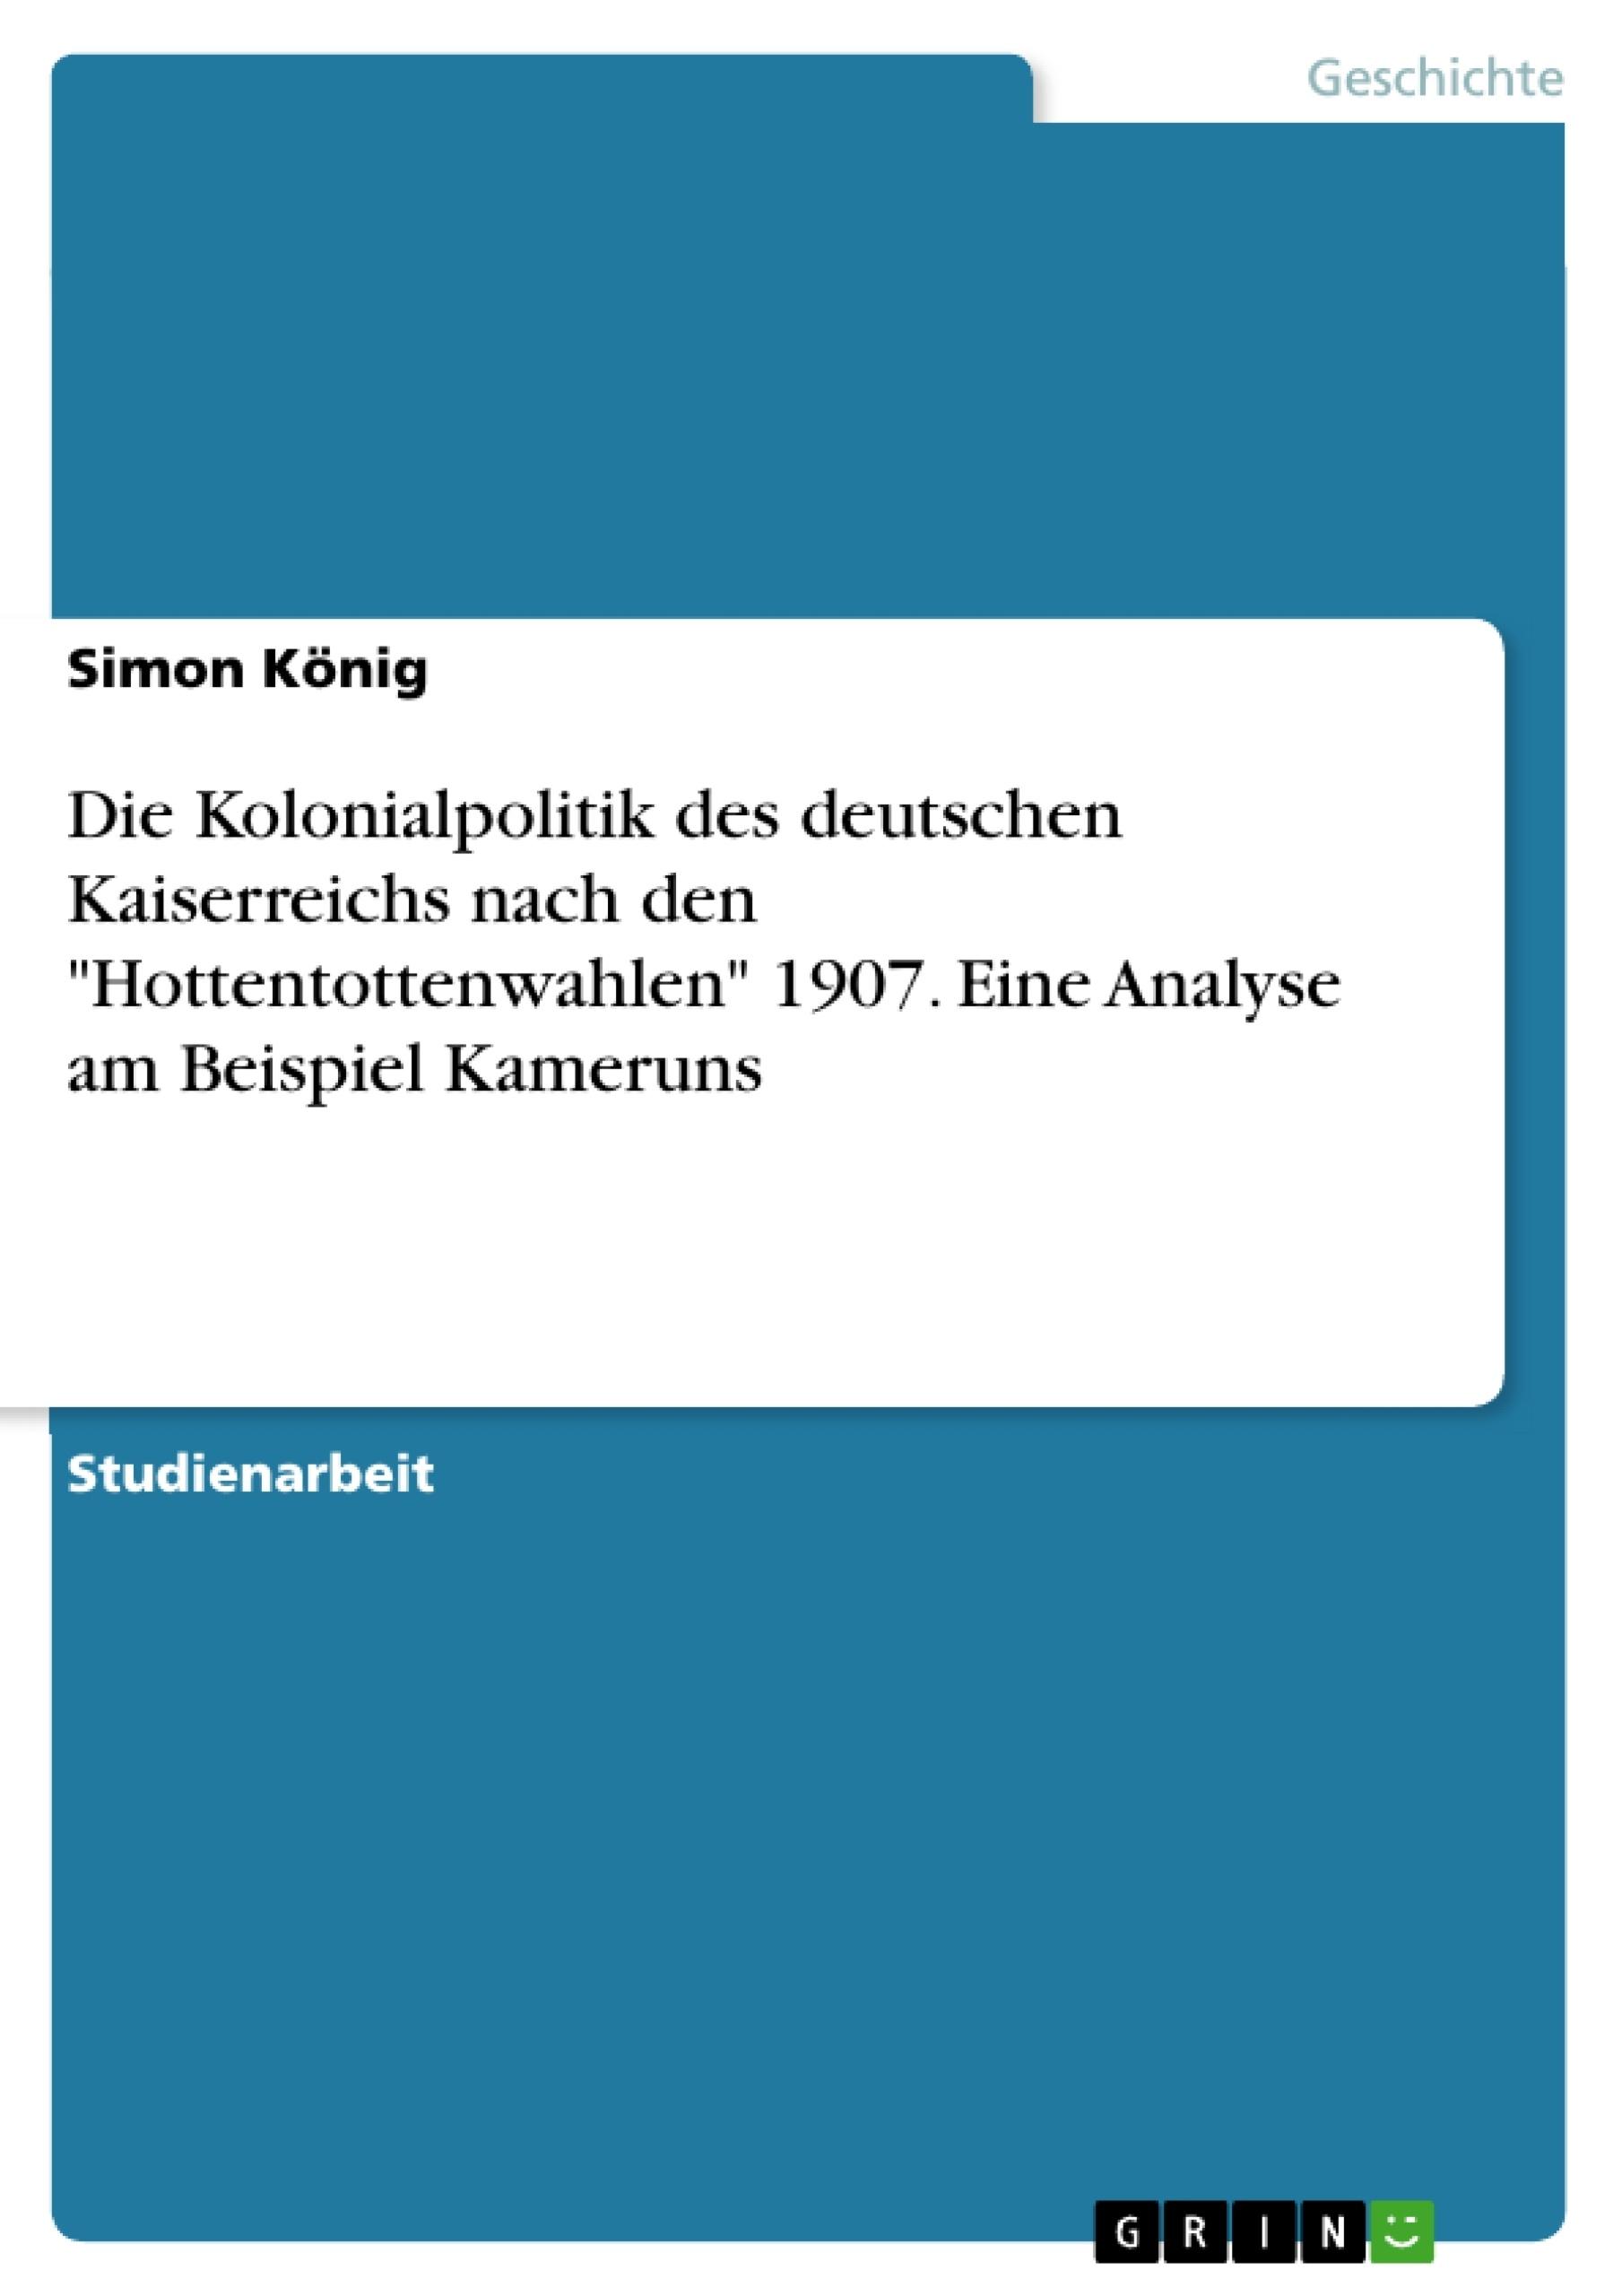 """Titel: Die Kolonialpolitik des deutschen Kaiserreichs nach den """"Hottentottenwahlen"""" 1907. Eine Analyse am Beispiel Kameruns"""